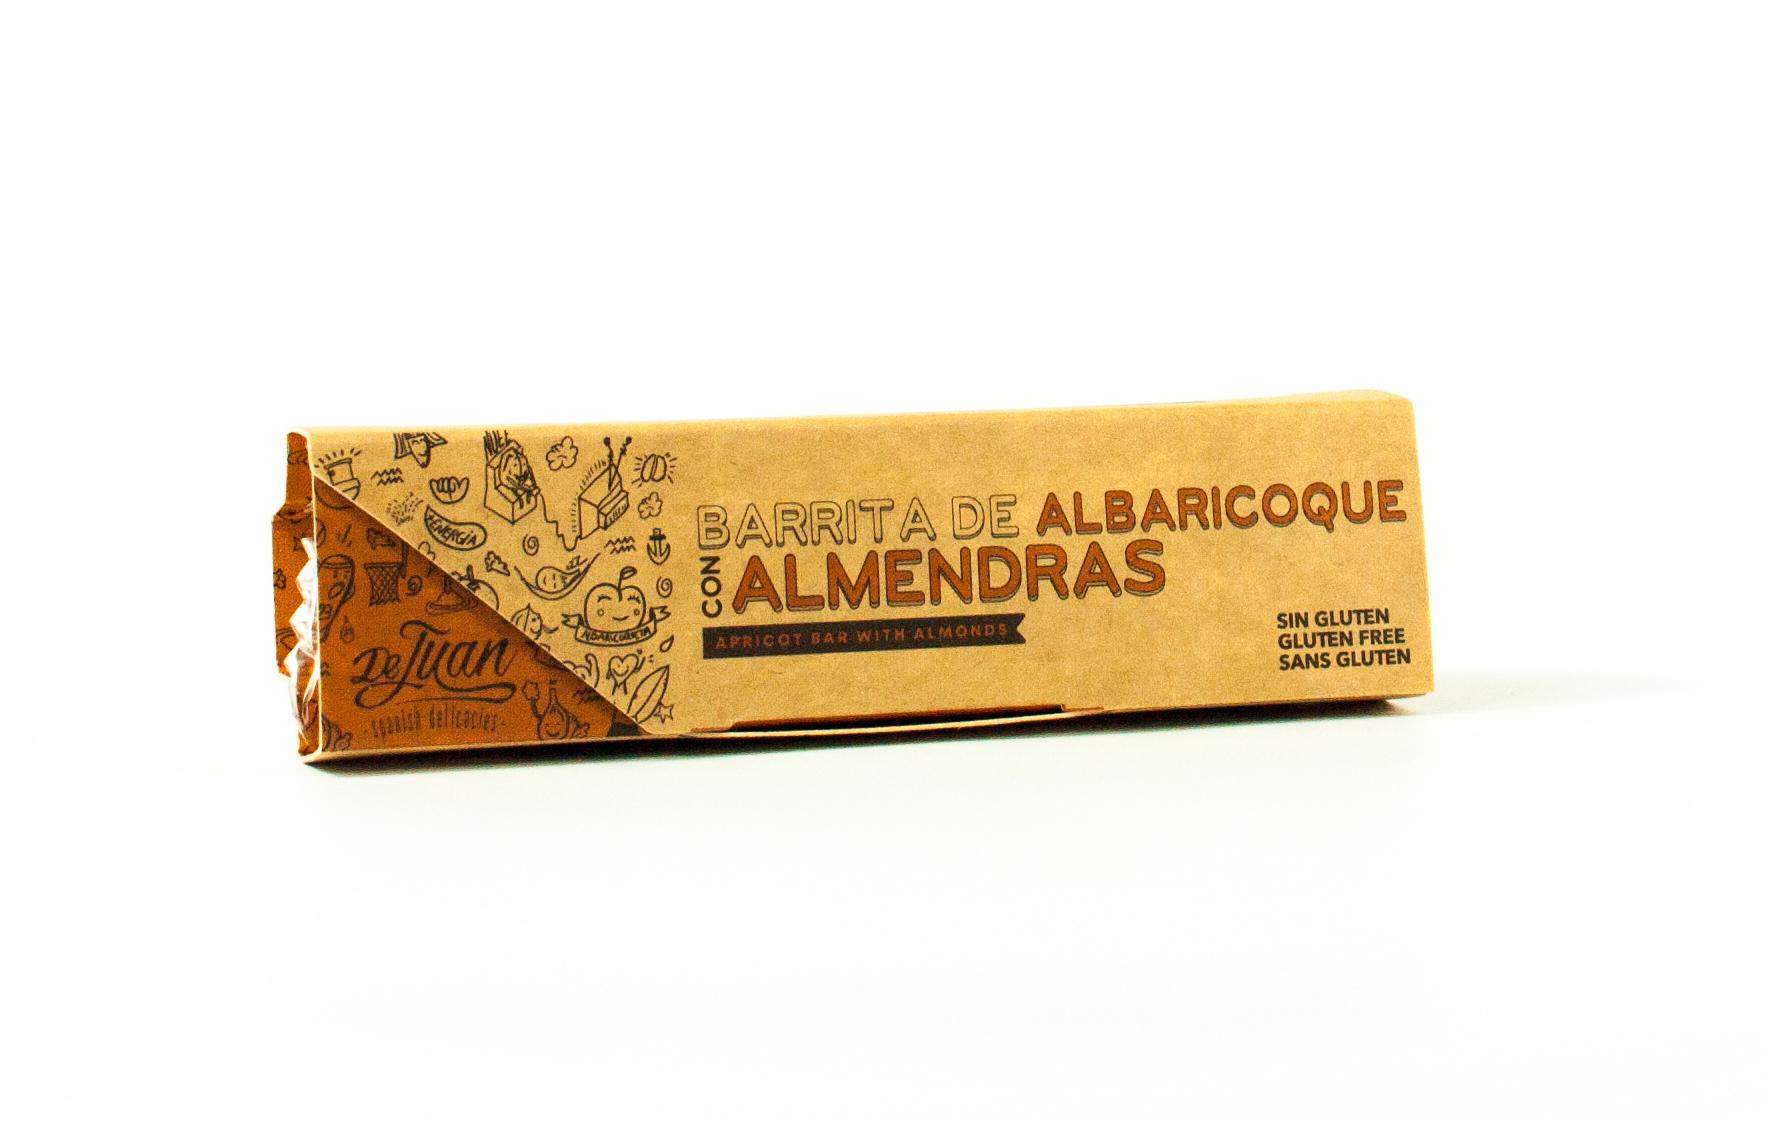 barrita-albaricoque-almendras